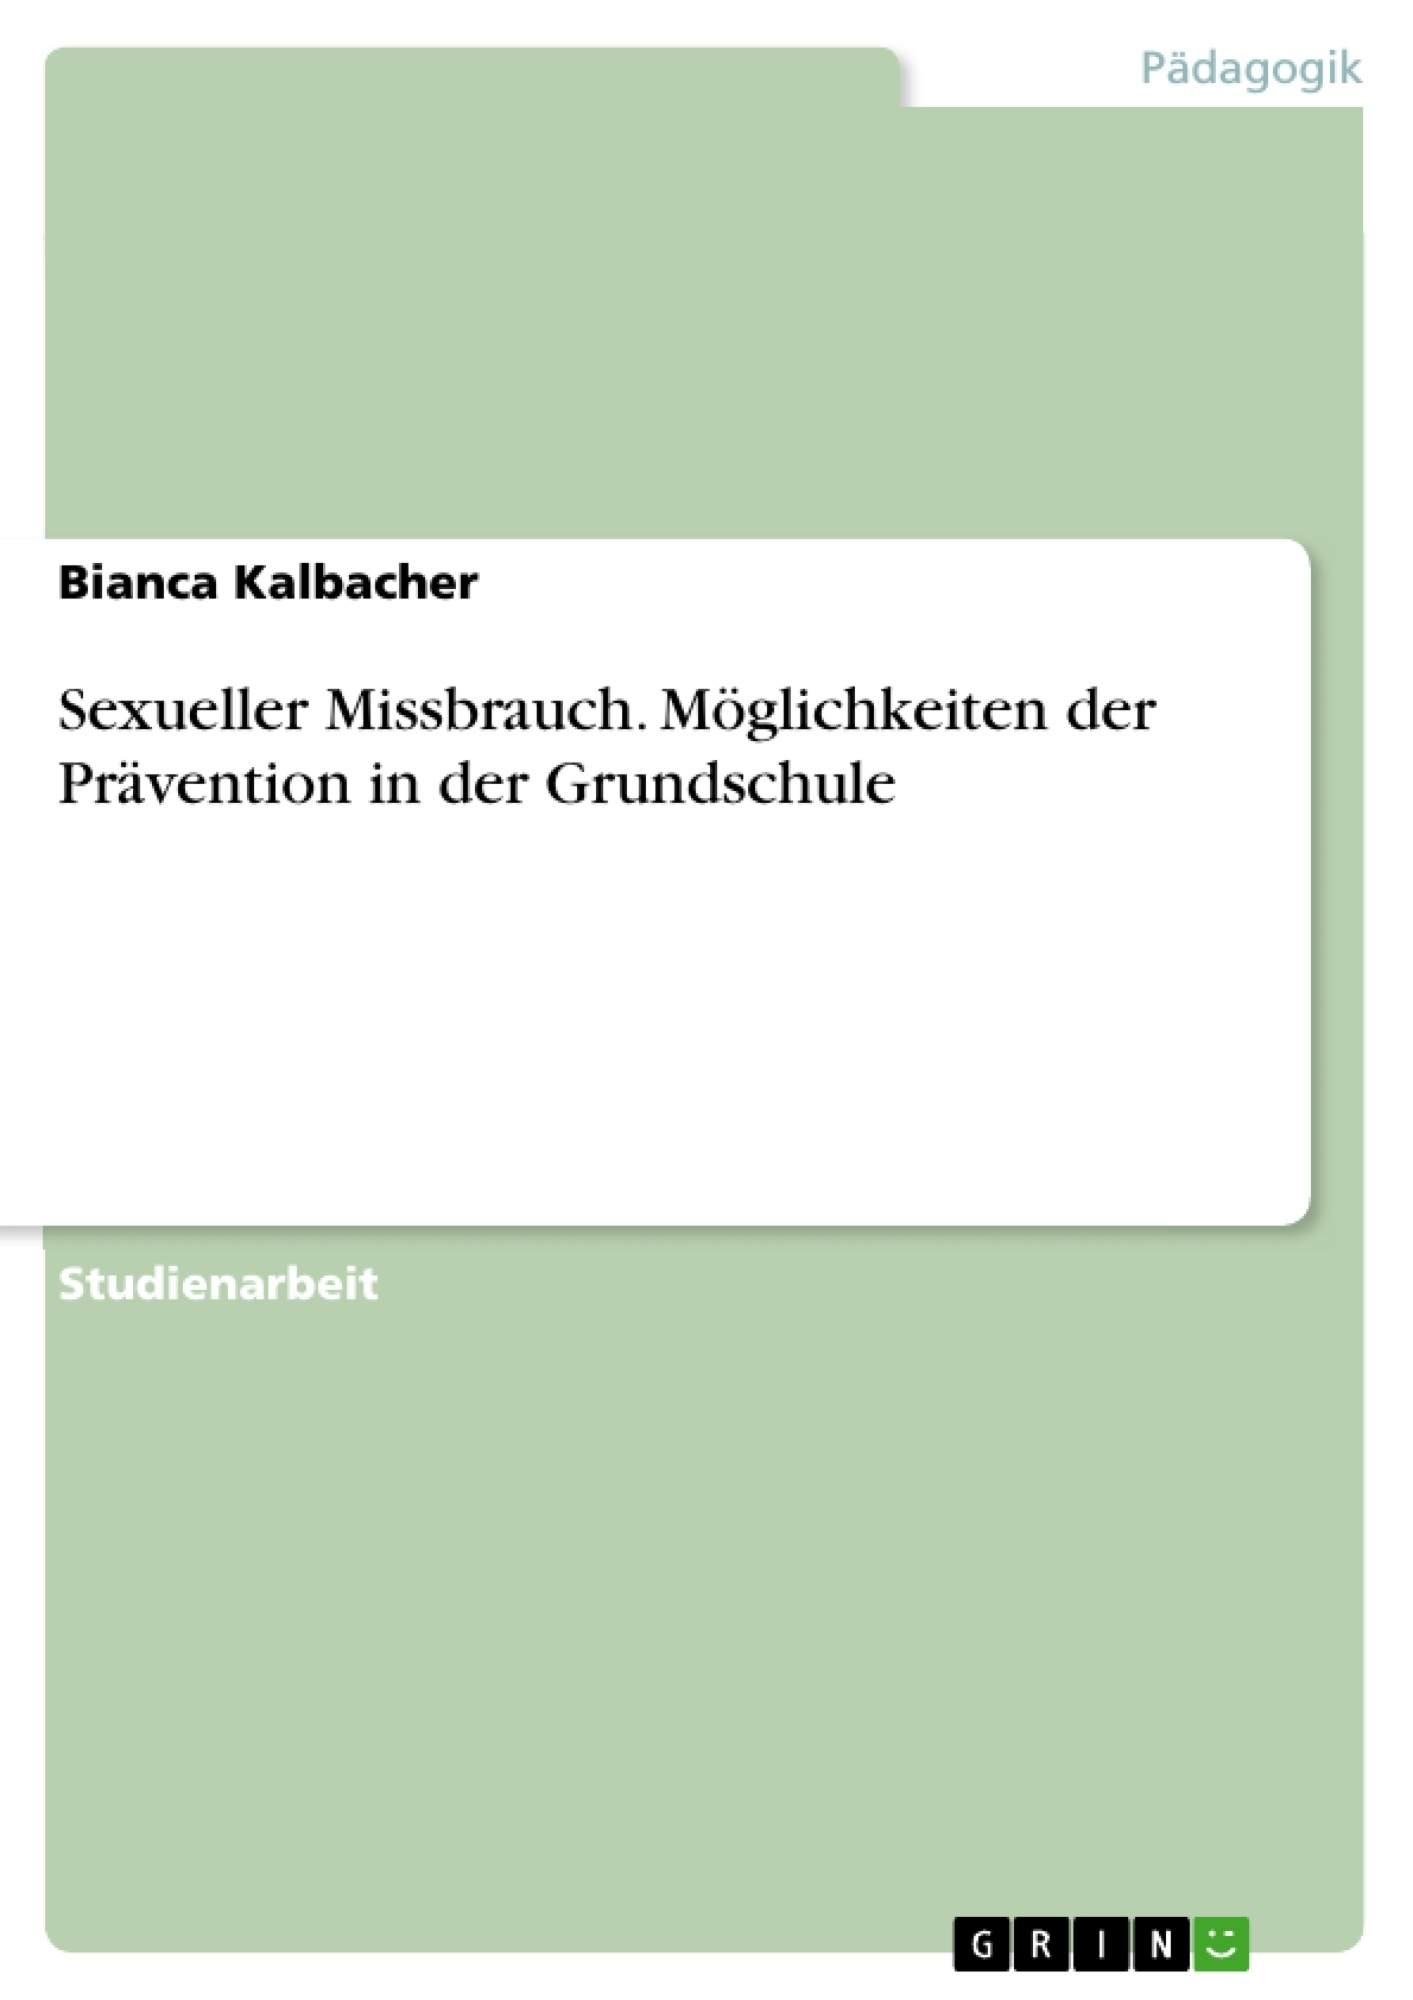 Titel: Sexueller Missbrauch. Möglichkeiten der Prävention in der Grundschule